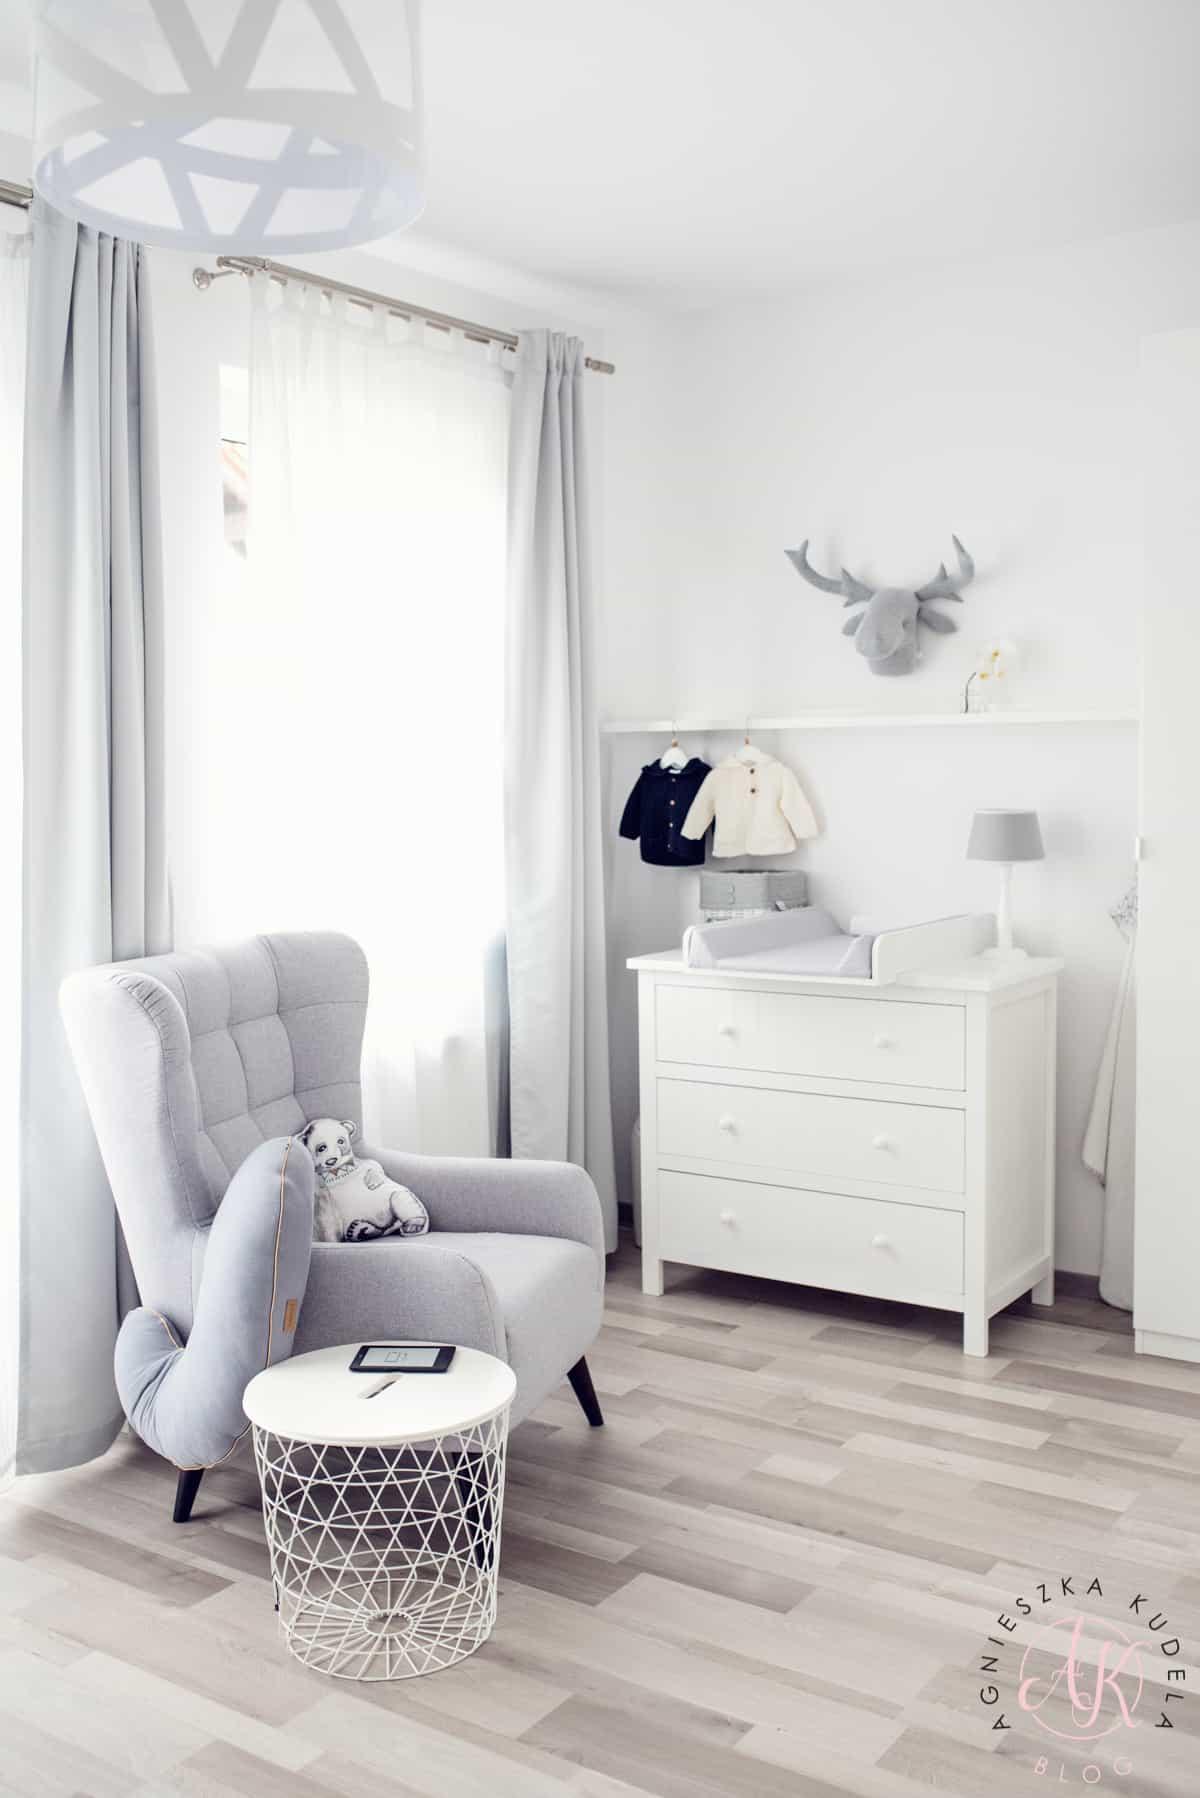 biały szary pokój dziecięcy komoda przewijak fotel do karmienia